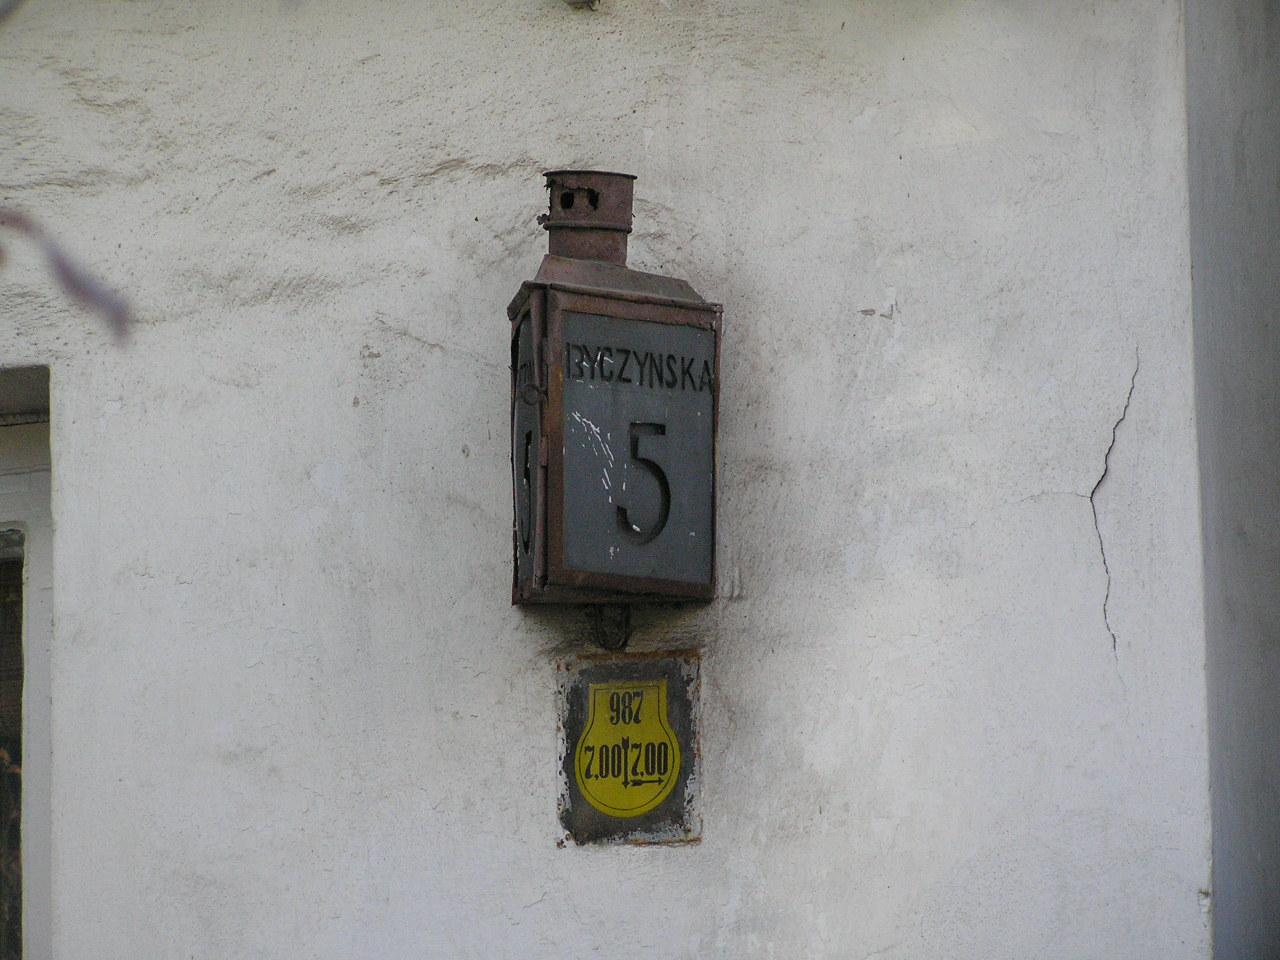 Latarenka adresowa - Byczyńska 5